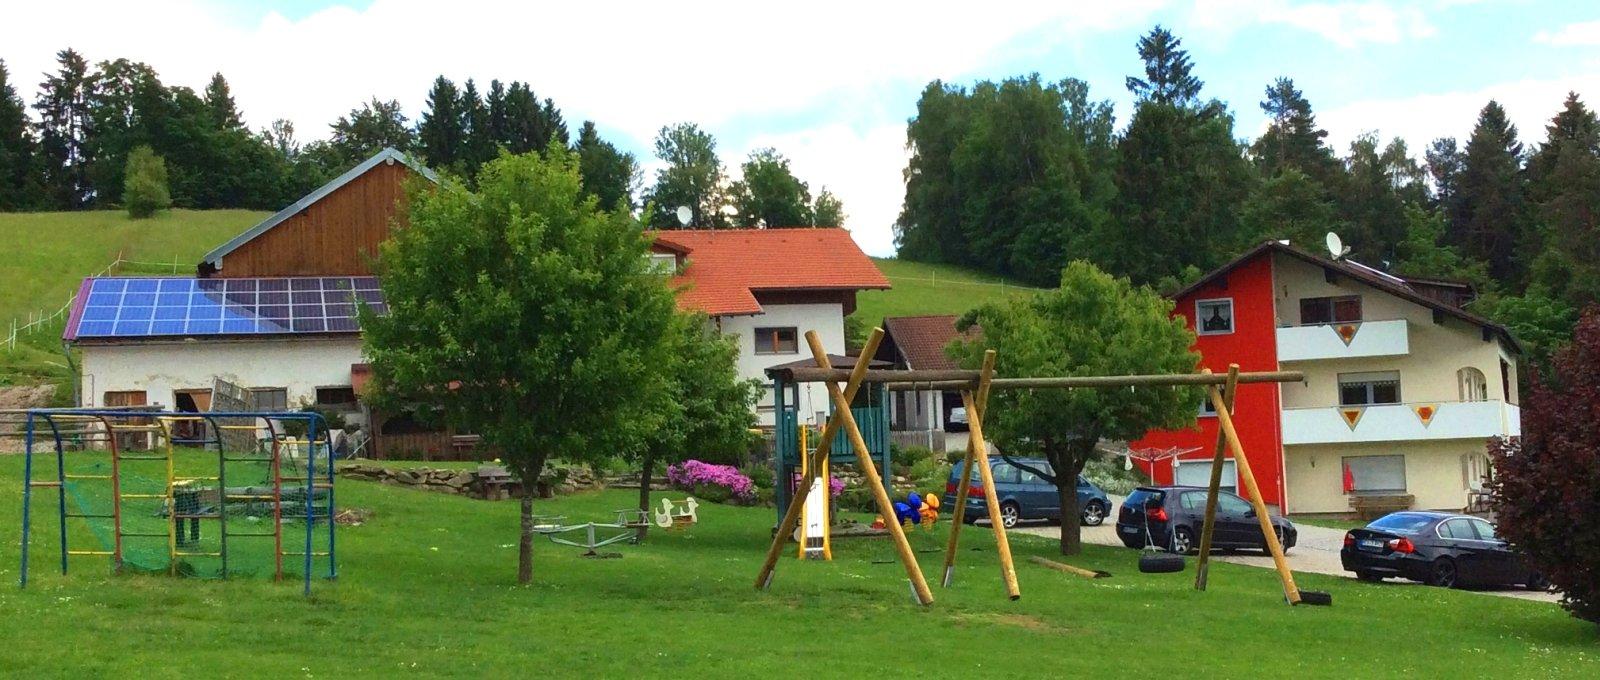 Aulingerhof der Bauernhof mit Swimmingpool + Sauna